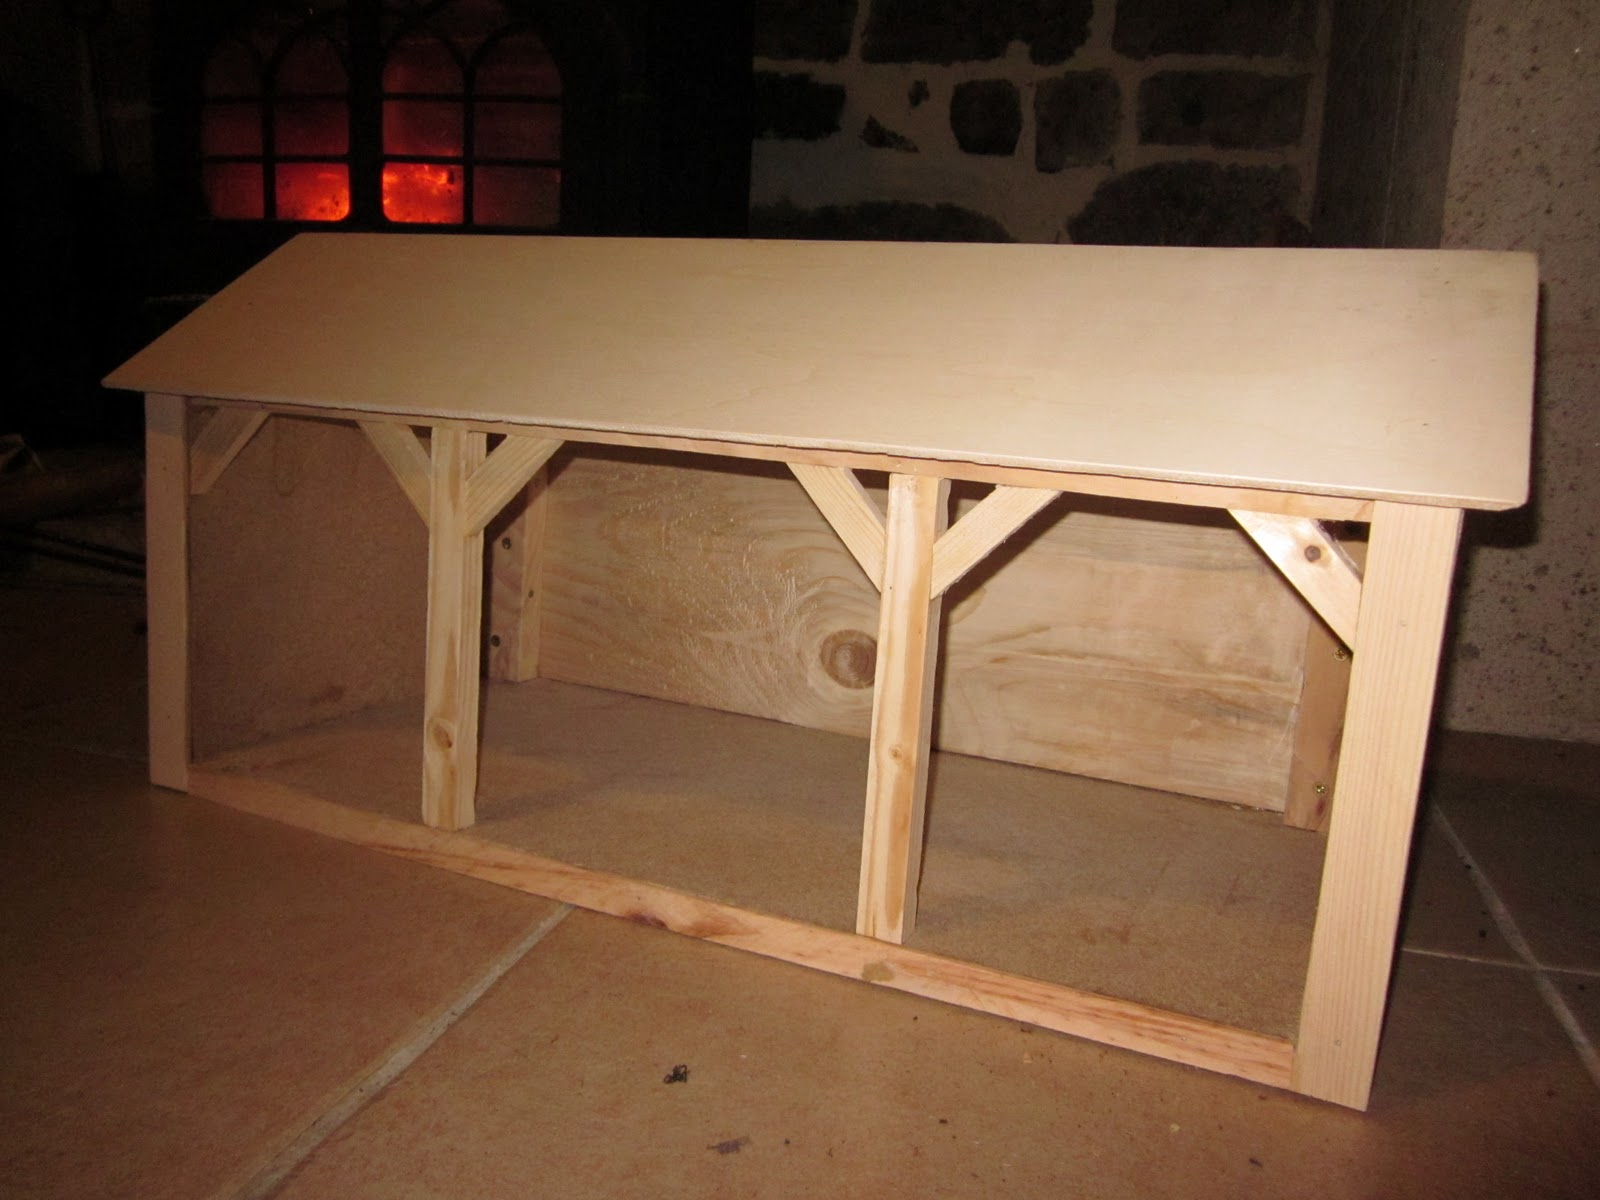 jeux et jouets en bois ferme miniature sur mesure. Black Bedroom Furniture Sets. Home Design Ideas